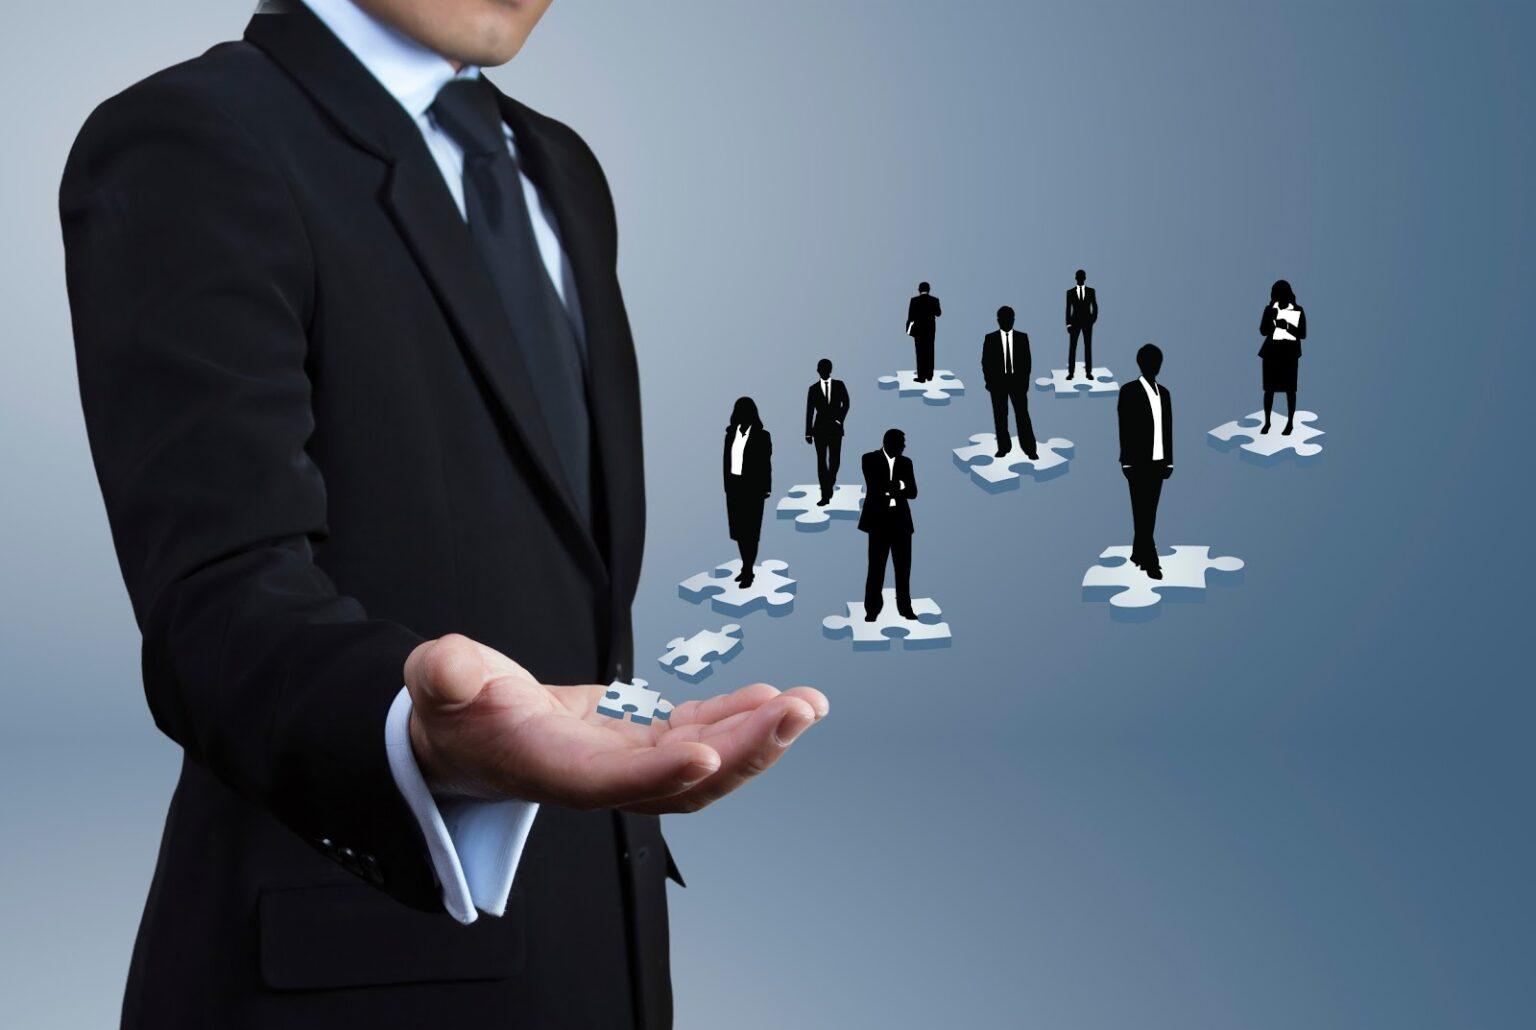 Chiến lược tuyển dụng quản lý hồ sơ tình huống nhân sự cho doanh nghiệp